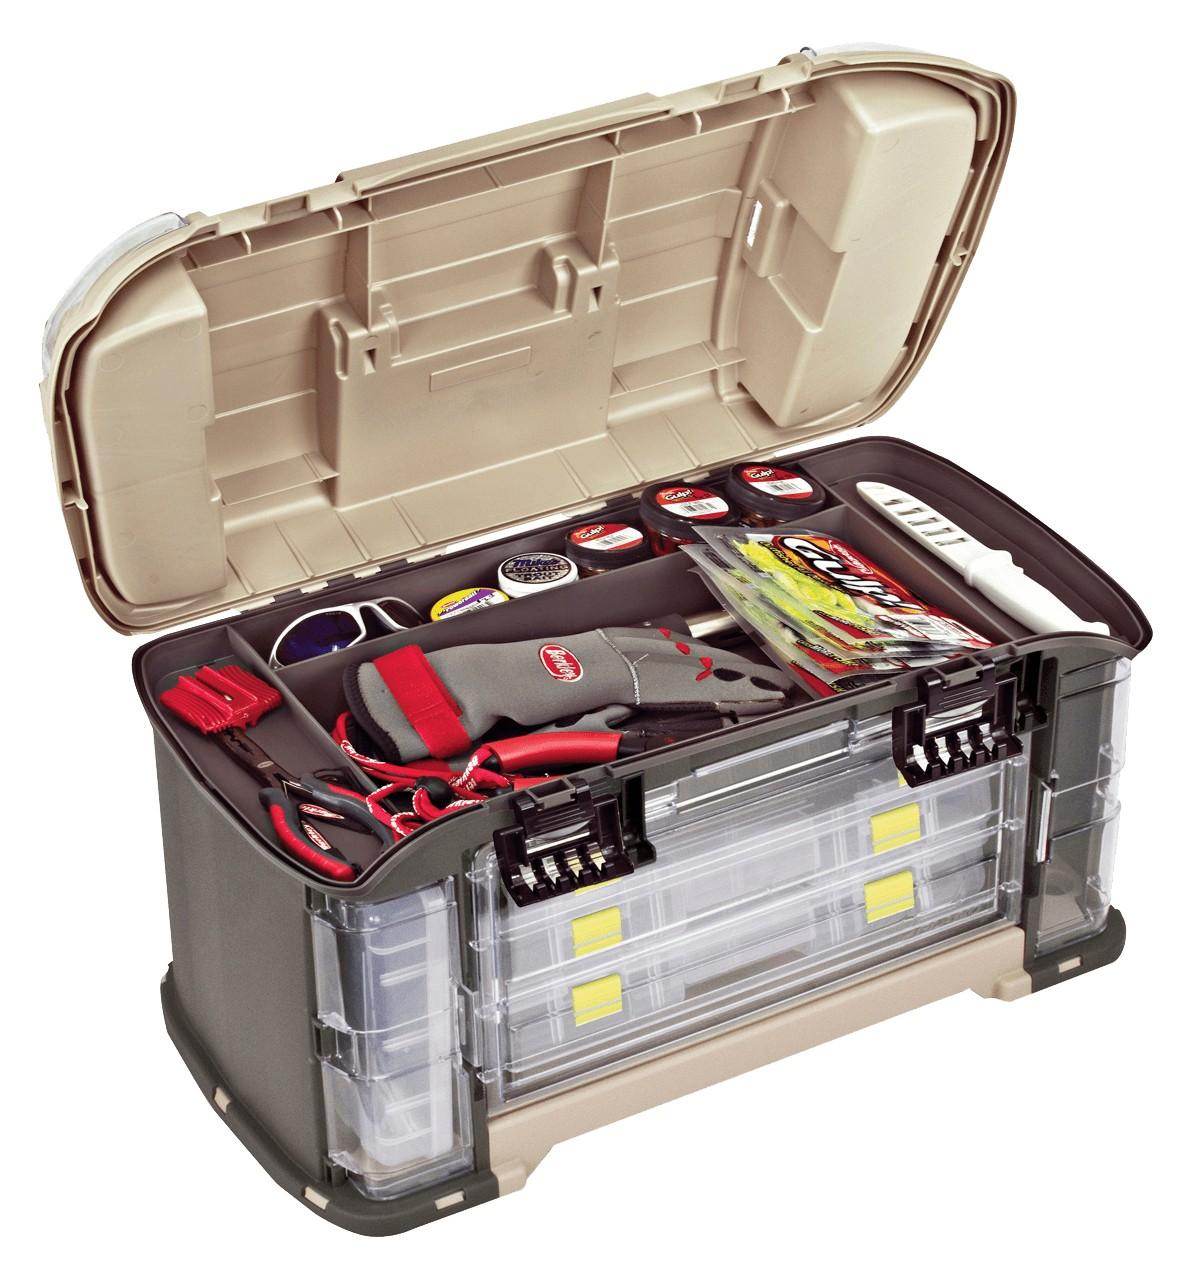 Ящик PLANO 787-010 с 7-ю разными коробками и верхним отсеком для аксессуаров фото